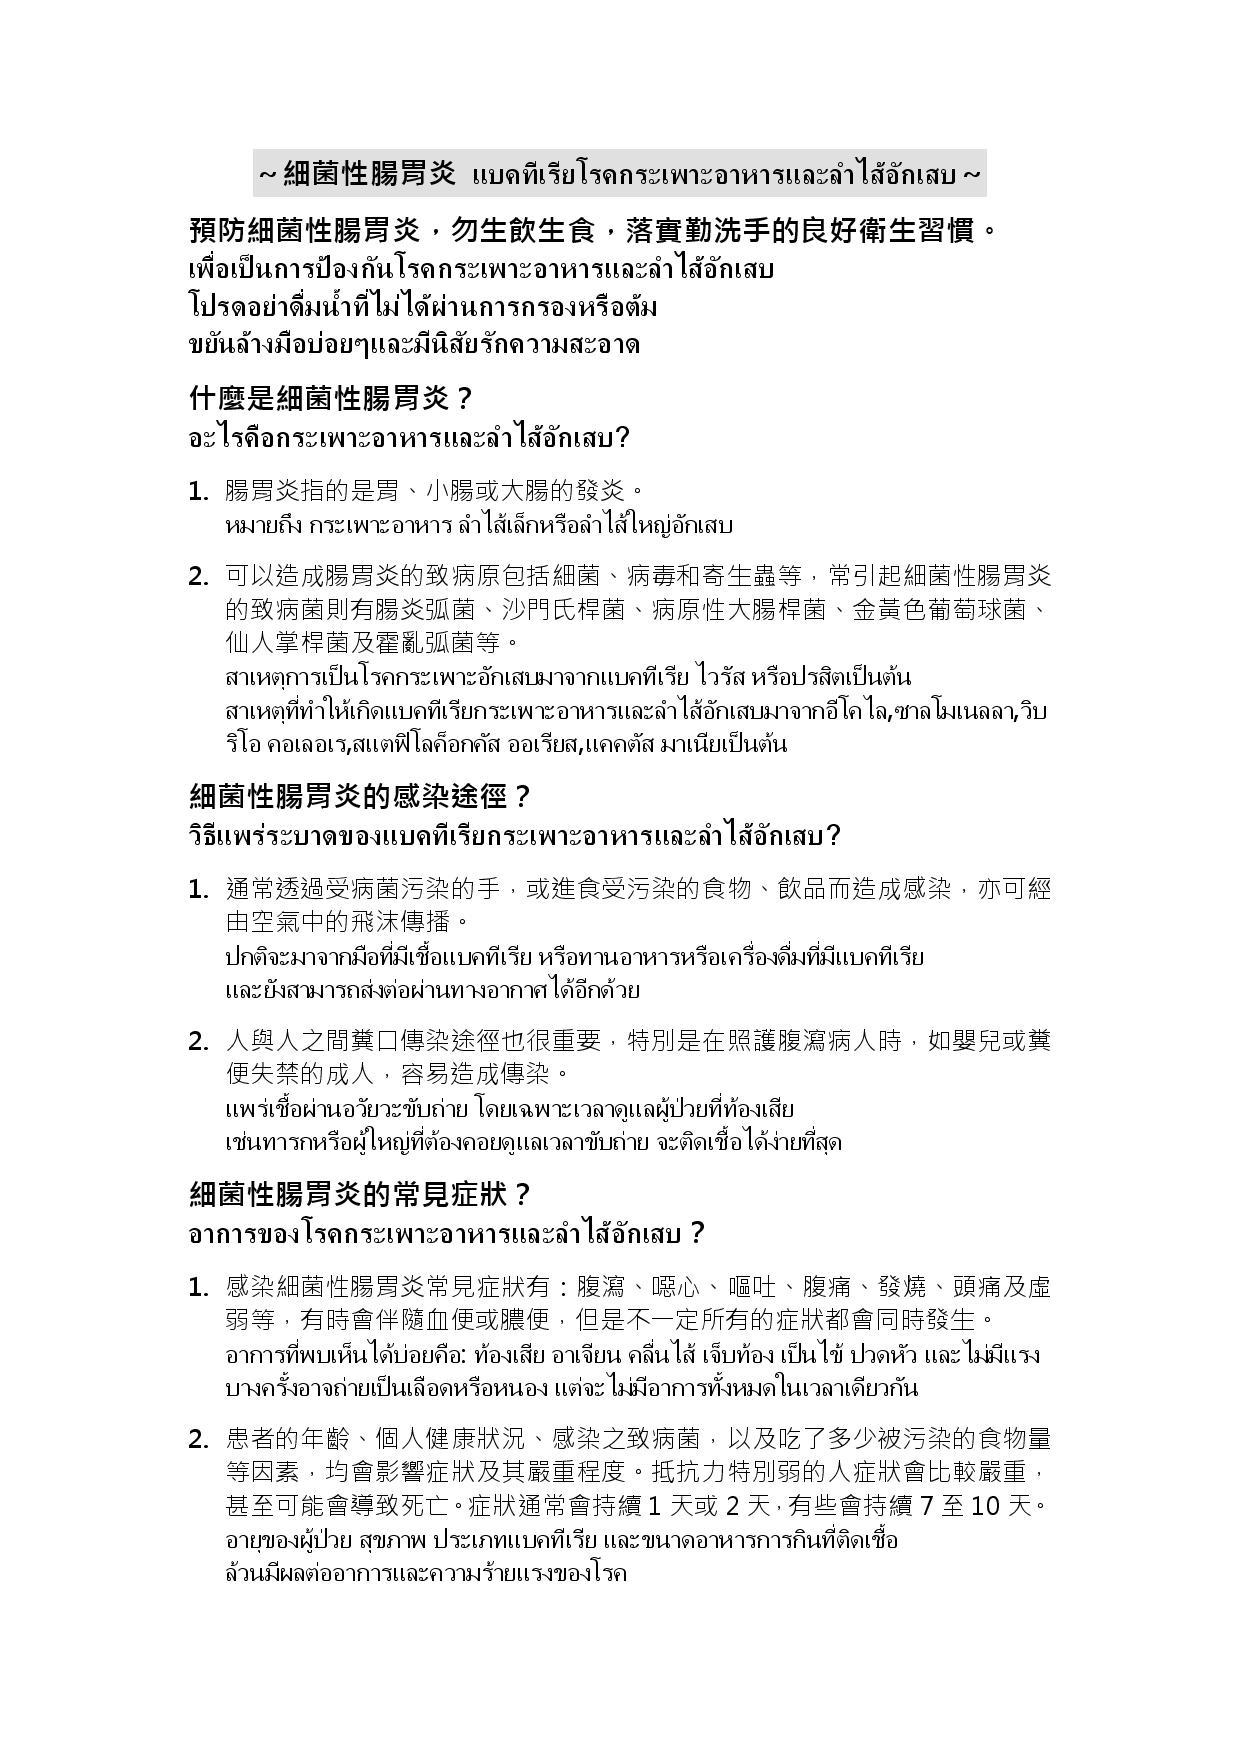 詳如附件【คลิก】เพื่อเป็นการป้องกันโรคกระเพาะอาหารและลำไส้อักเสบ(หน้า 1)預防細菌性腸胃炎(泰文)